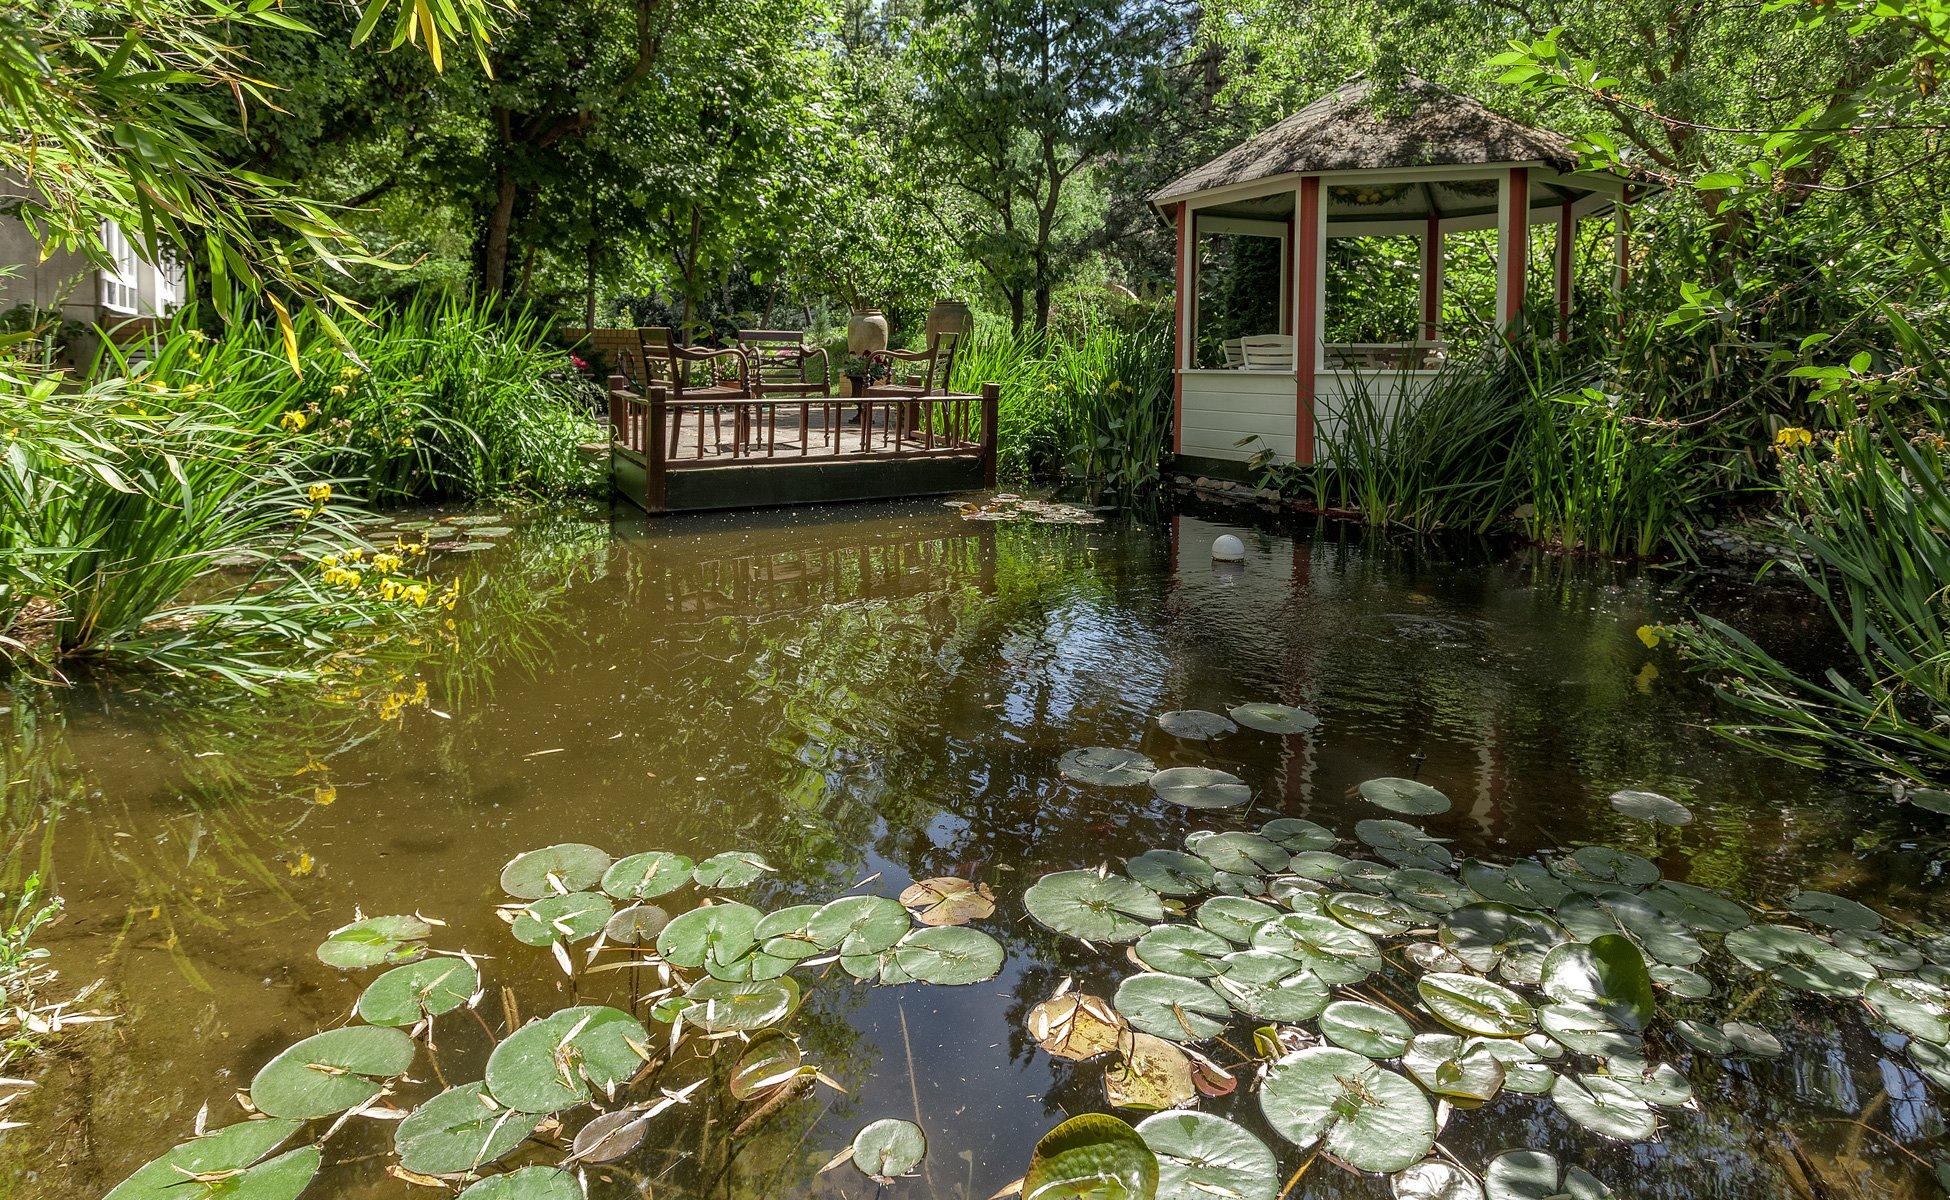 Hotel Grenzfall Gartenhaus mit Teich